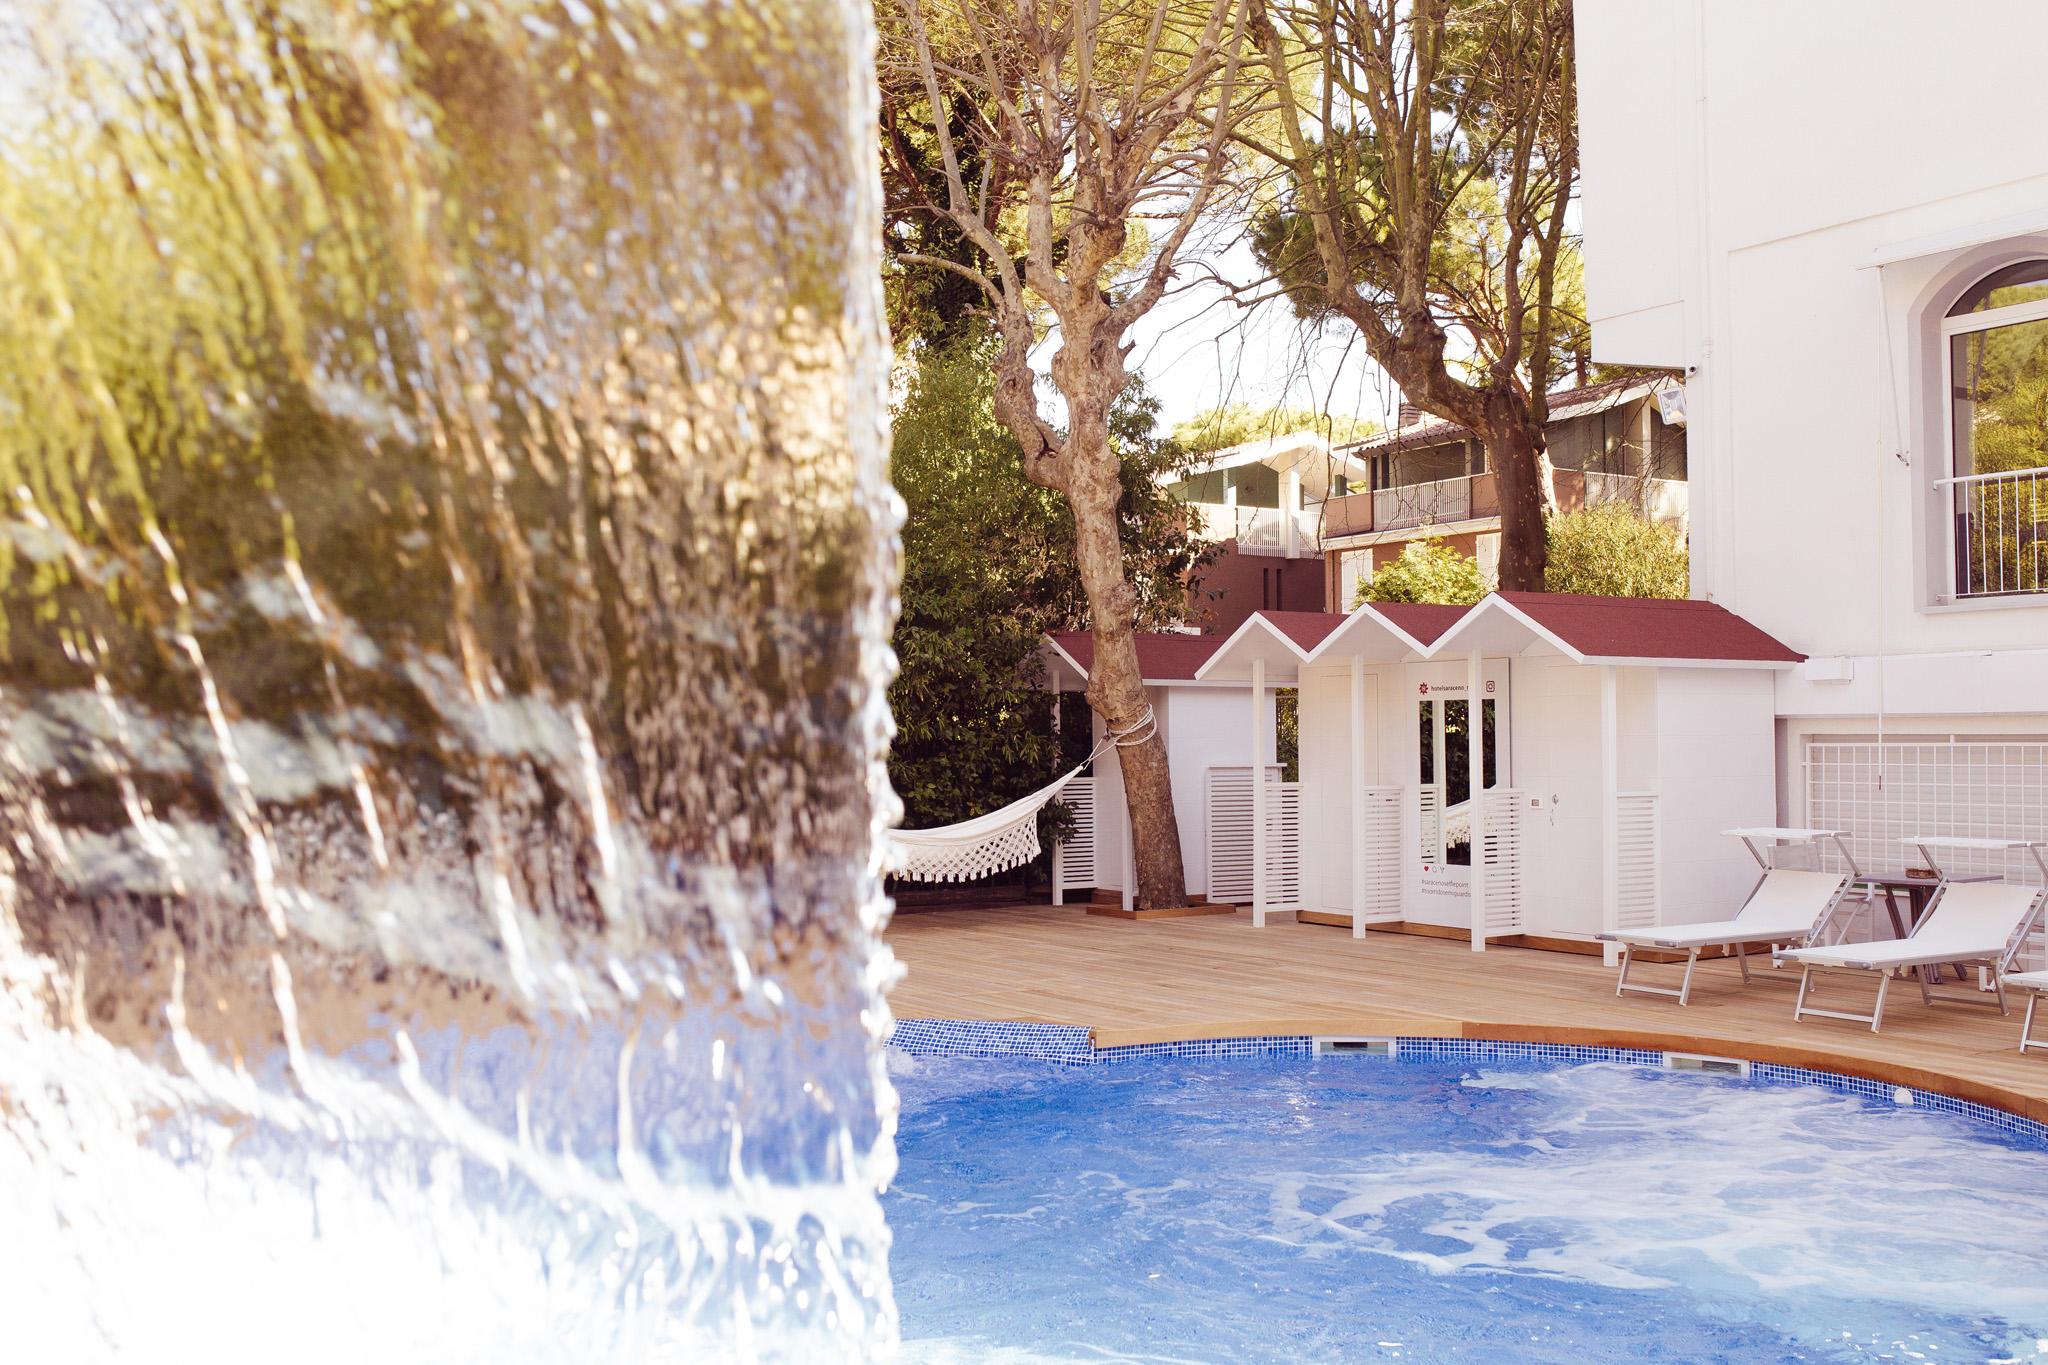 Piscina spa riscaldata con idromassaggio hotel 4 stelle milano marittima